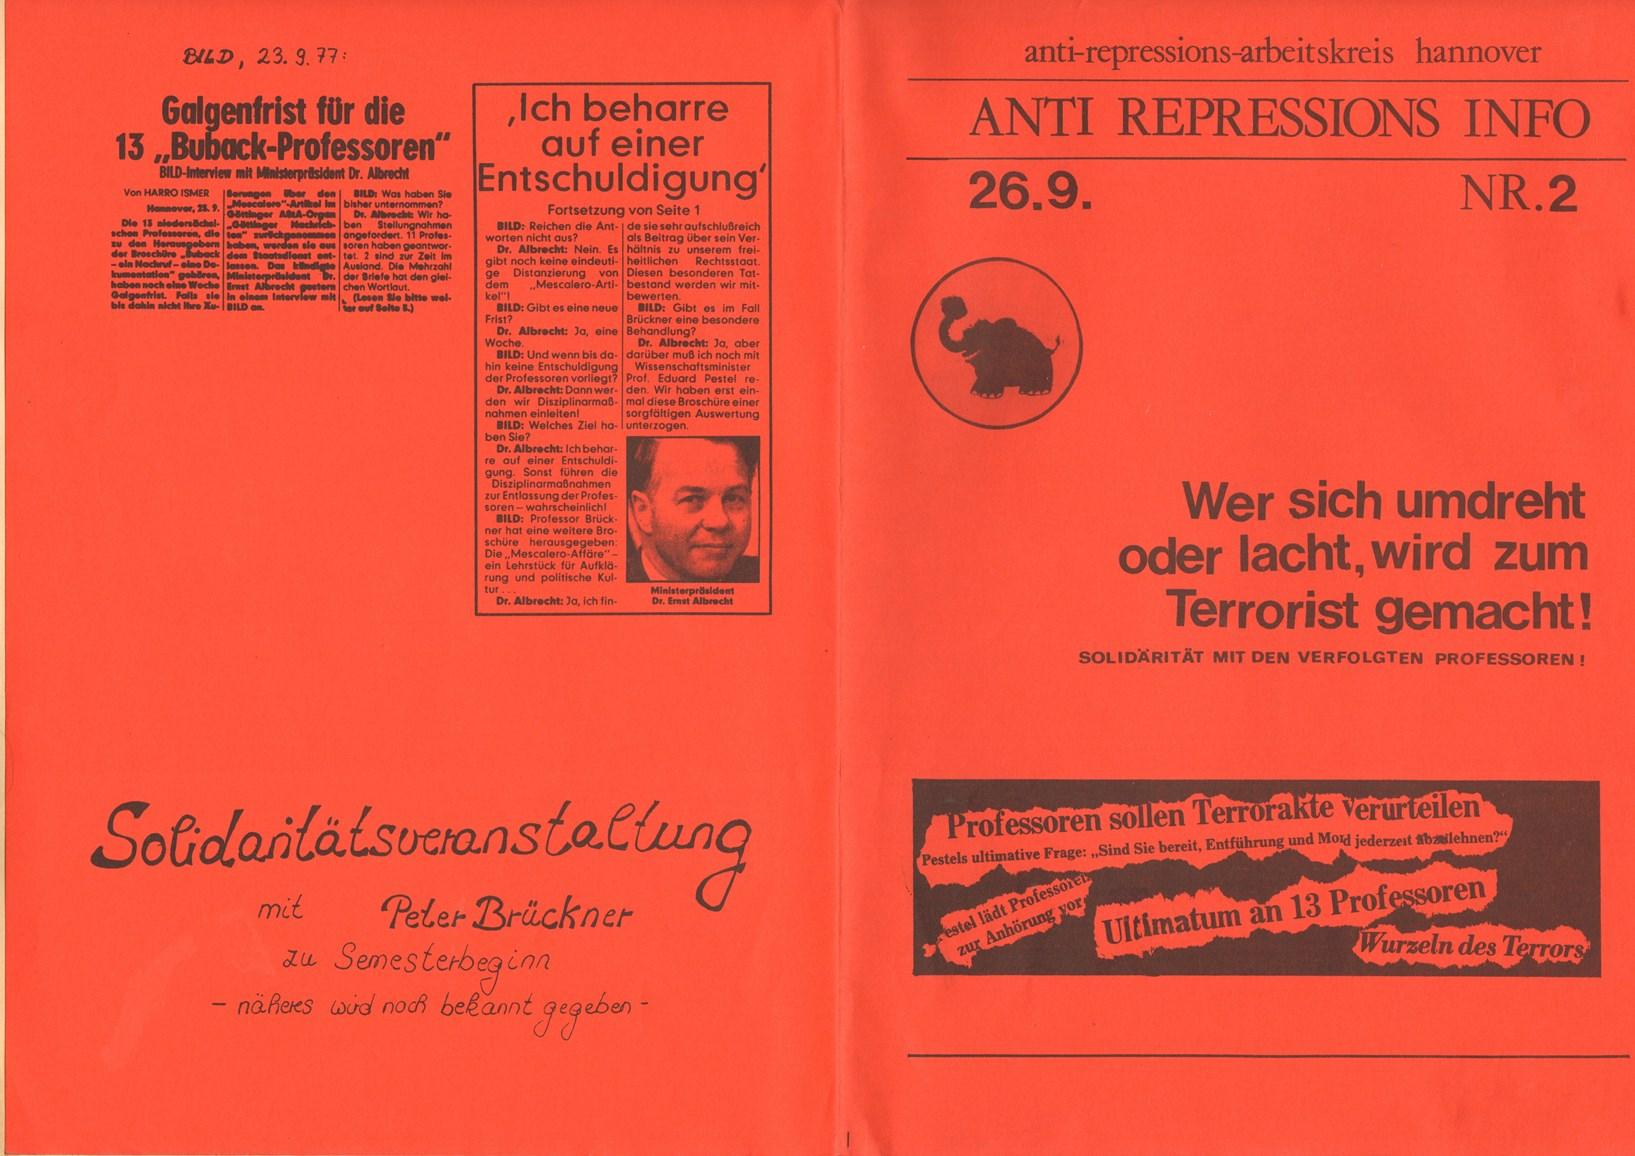 Hannover_Anti_Repressions_Info_02_1977_01